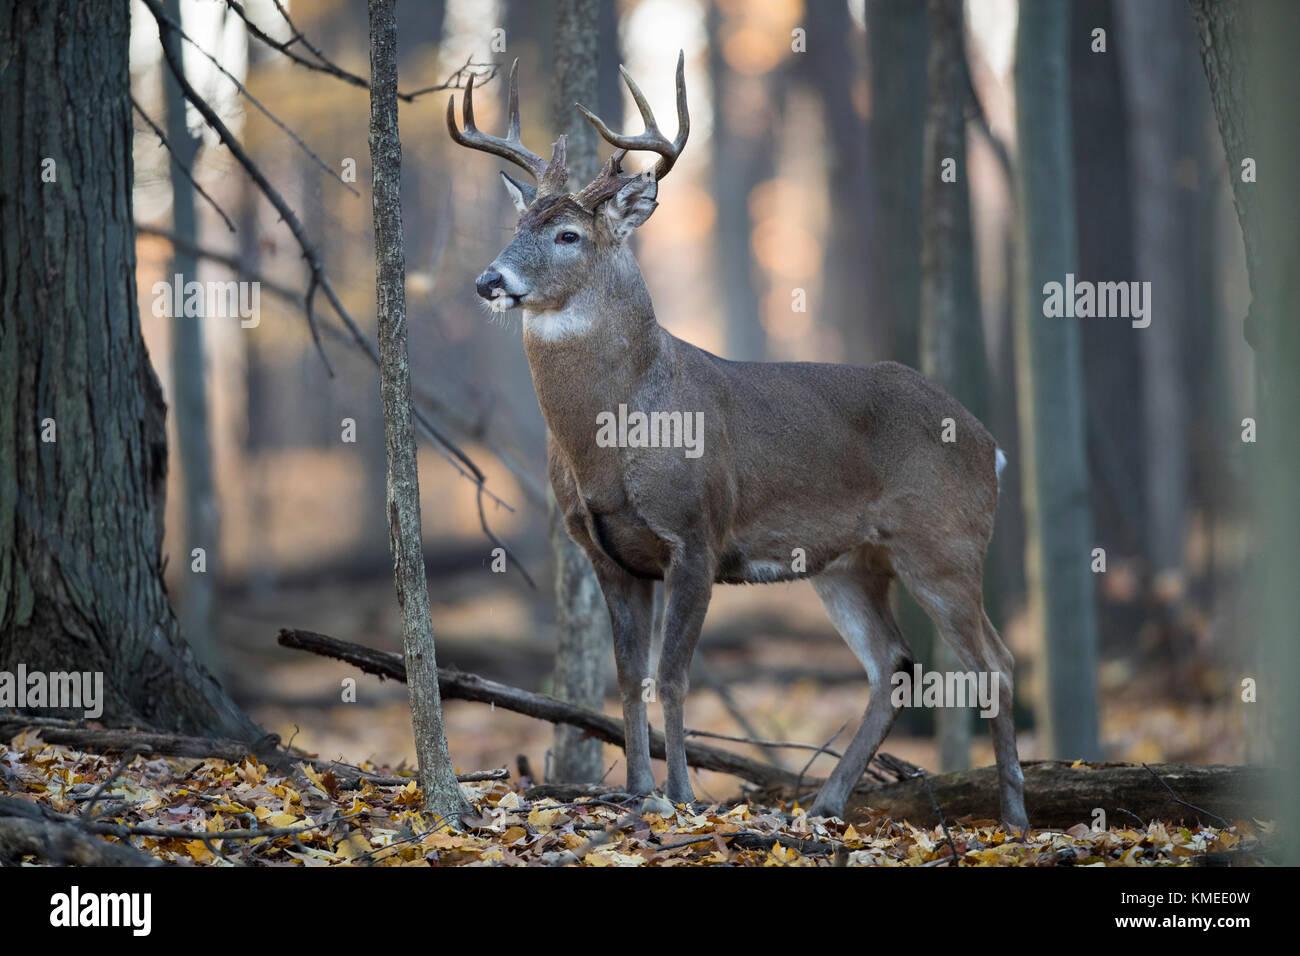 Una matura buck culbianco cervi in piedi molto attenta nella foresta. Foto Stock